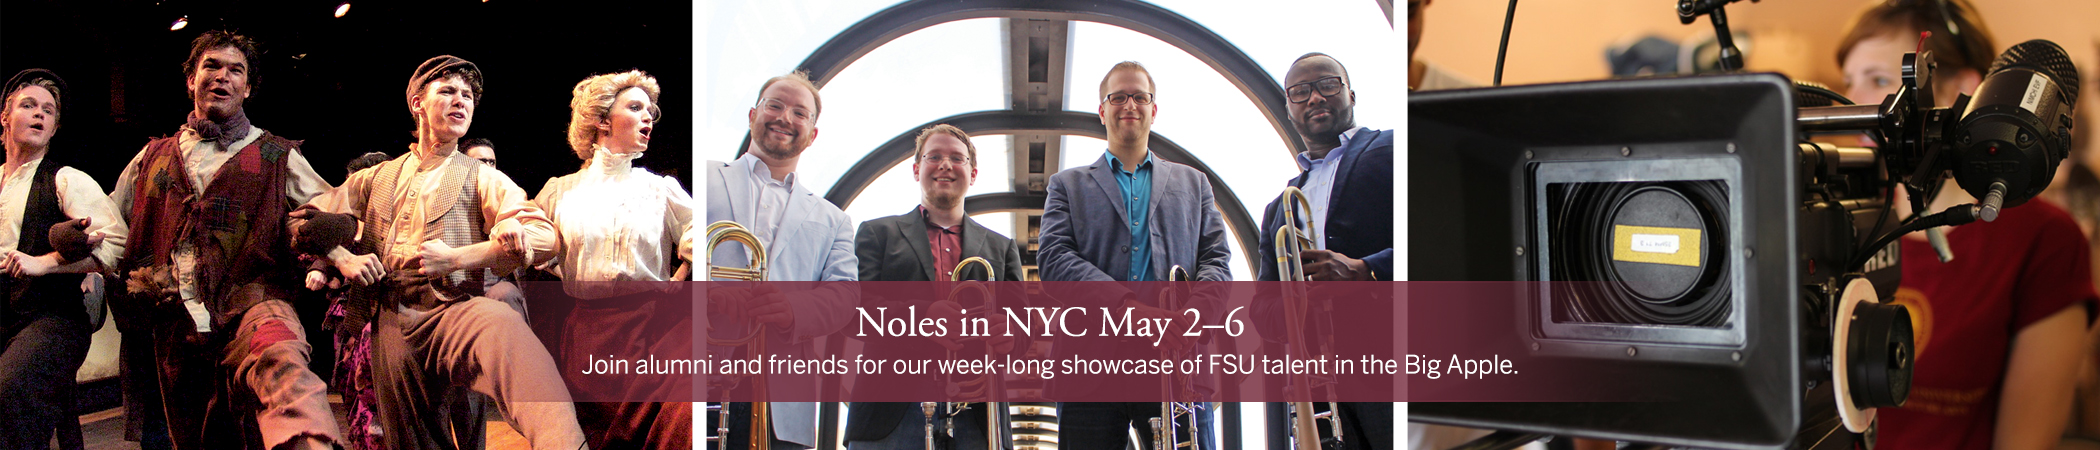 Noles in NYC May 2-6 2016